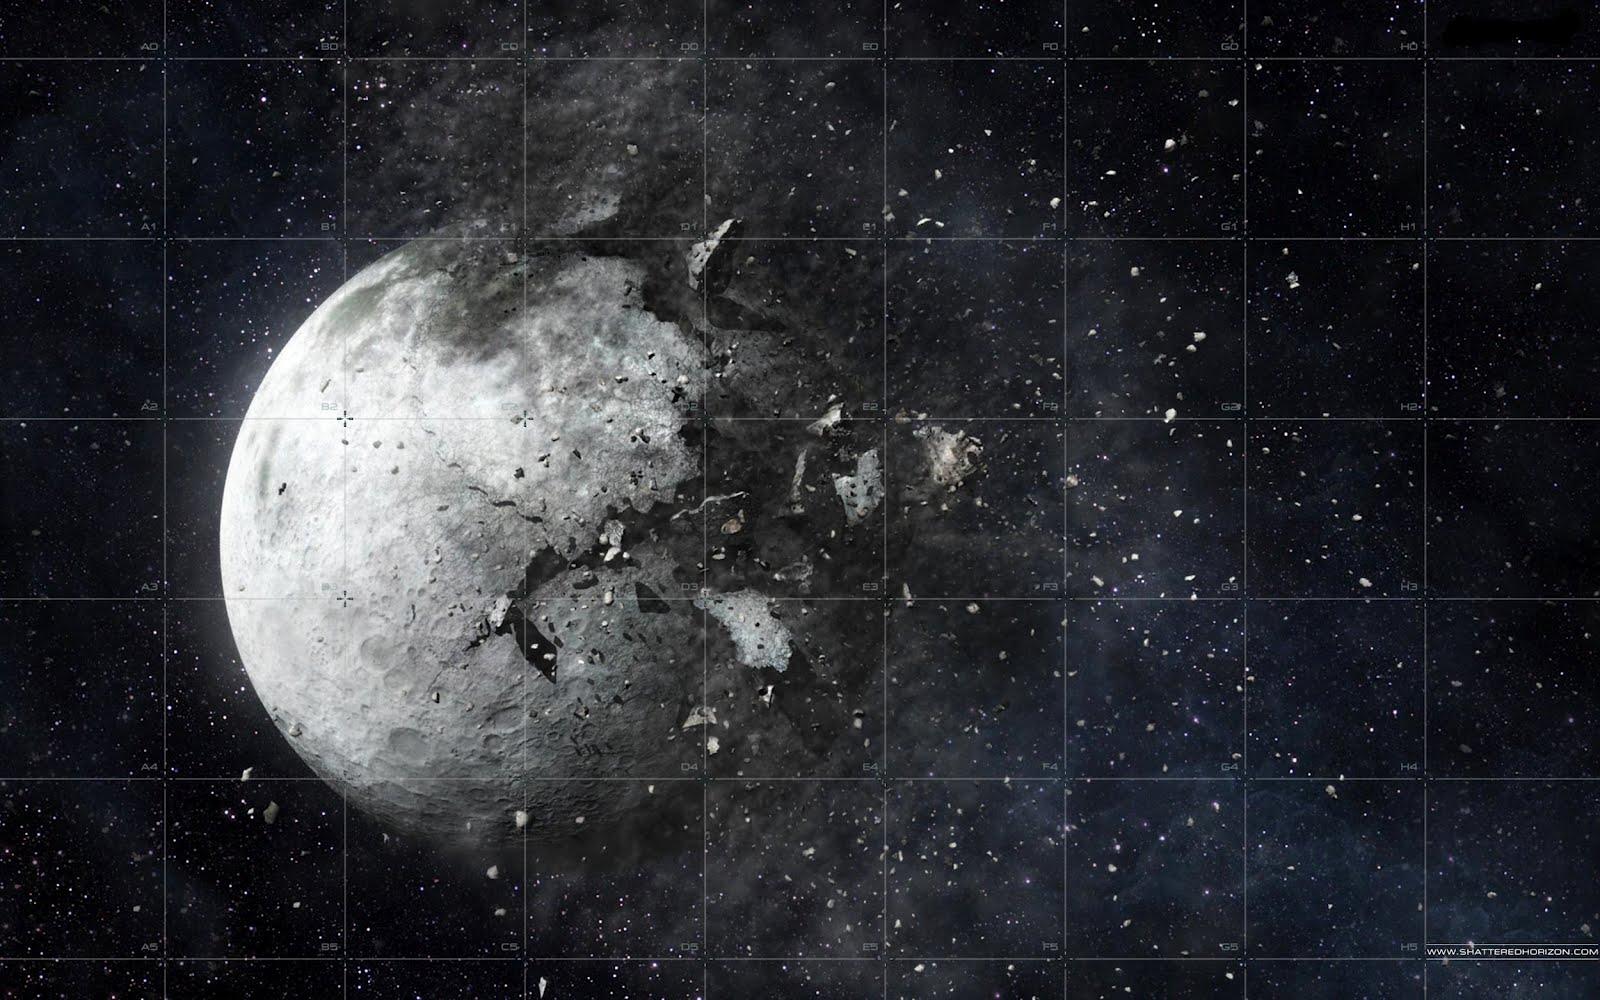 Τι θα συνέβαινε αν η Σελήνη εκρήγνυτο ξαφνικά; (vid)